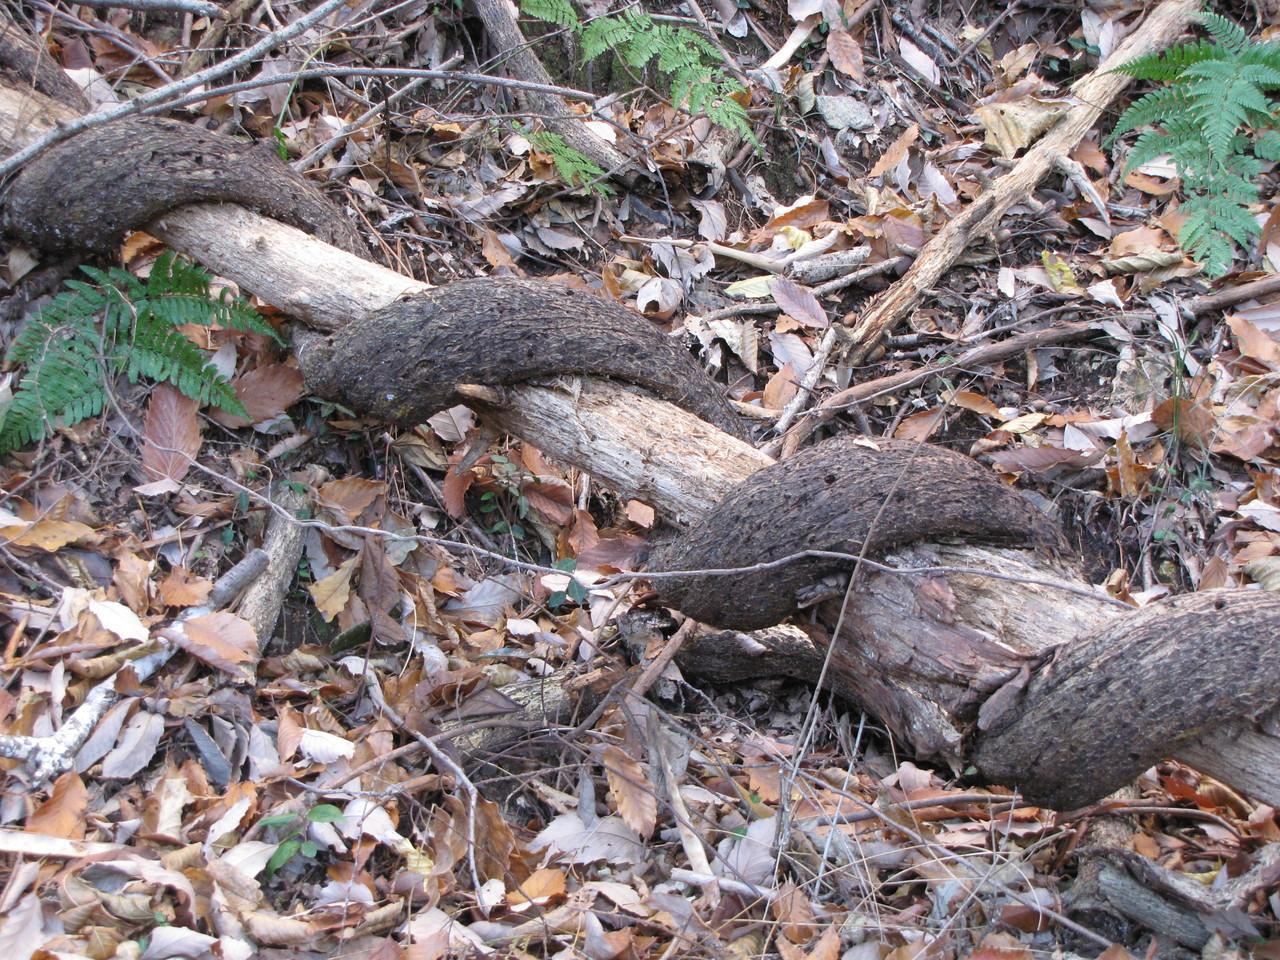 枯木に絡みついた蔦・・・まるで蛇のよう